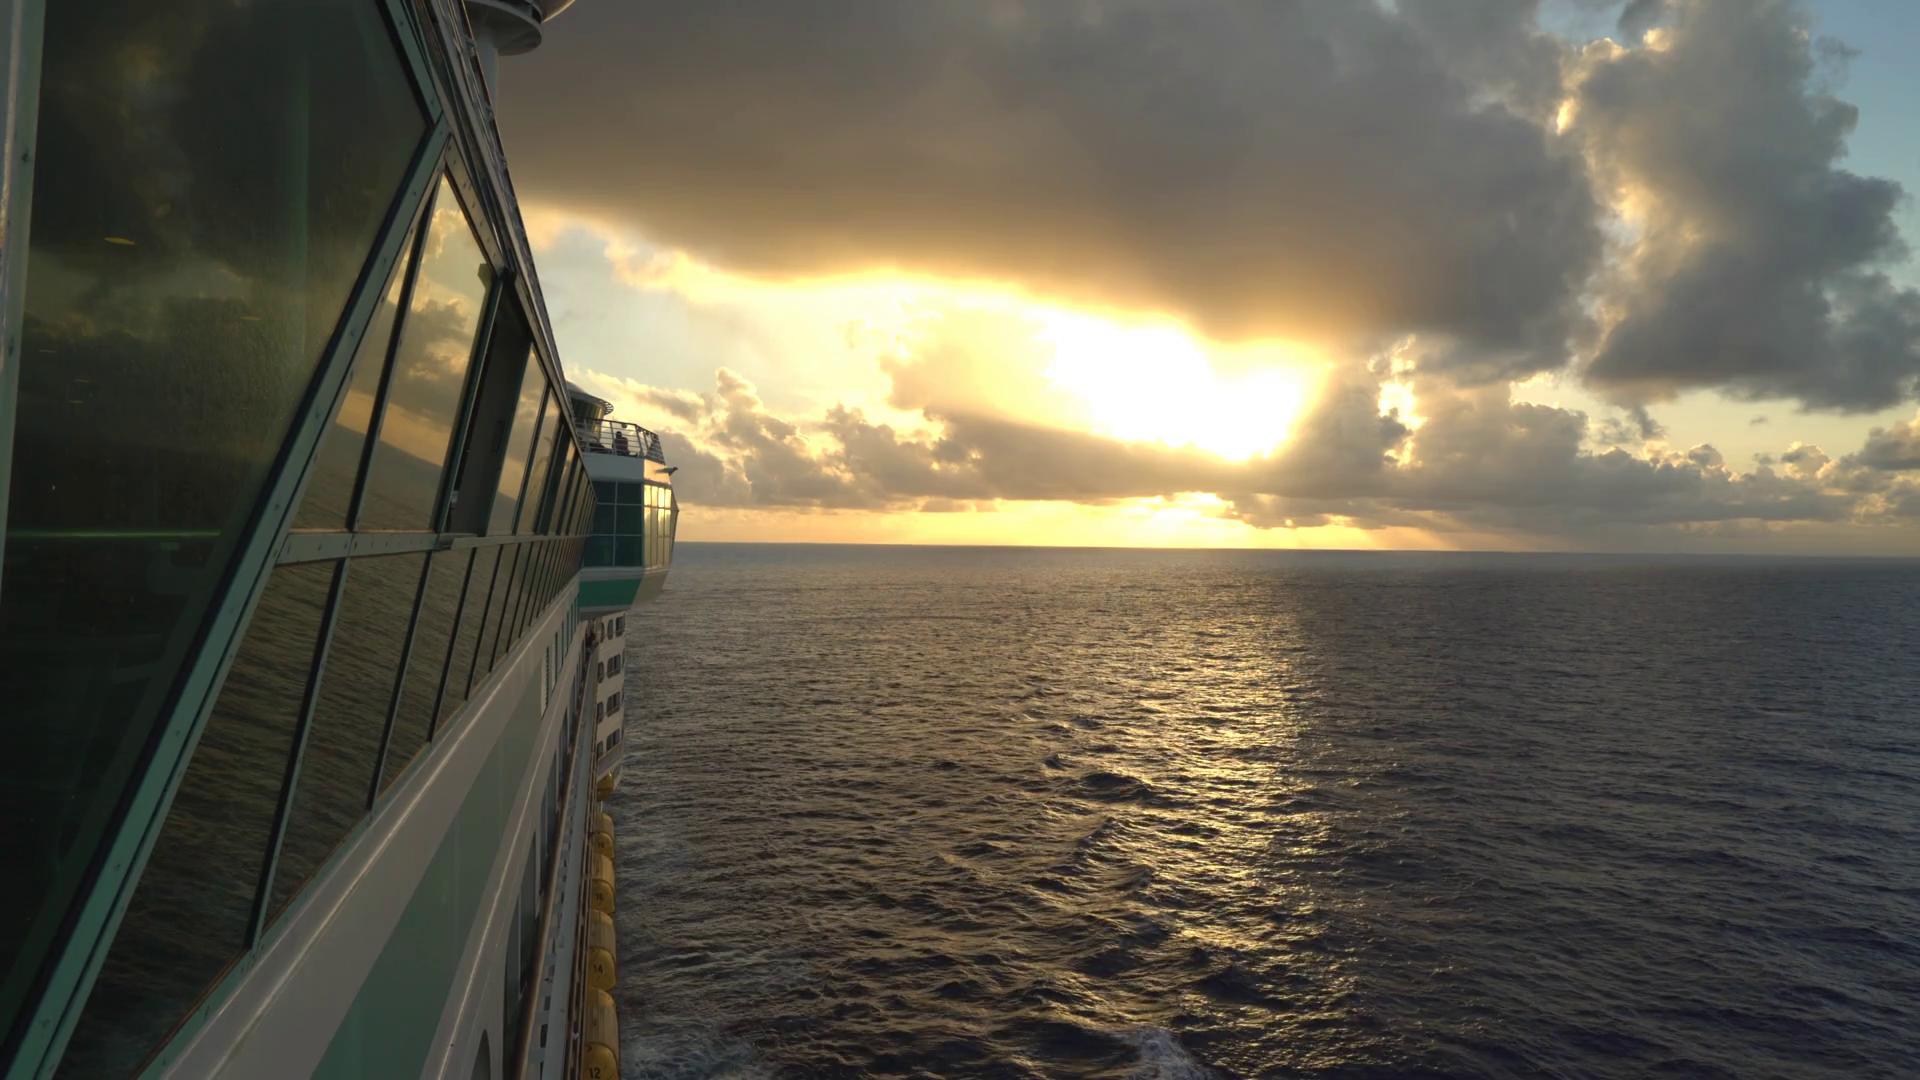 sea sunset cruise ship water